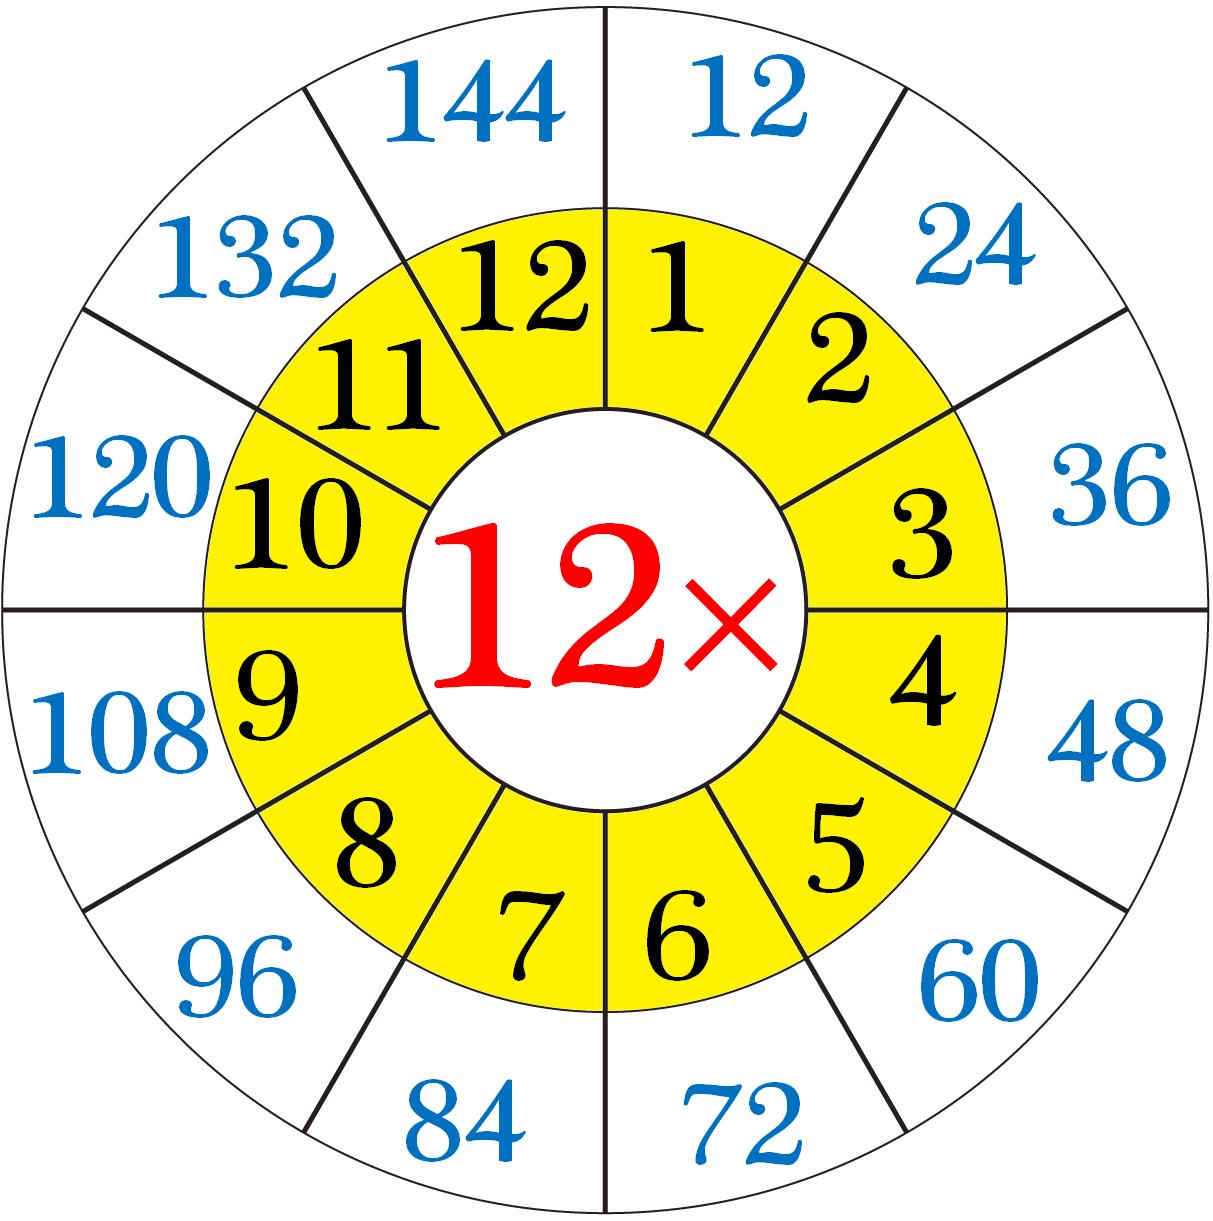 Multiplication Table Of Twelve